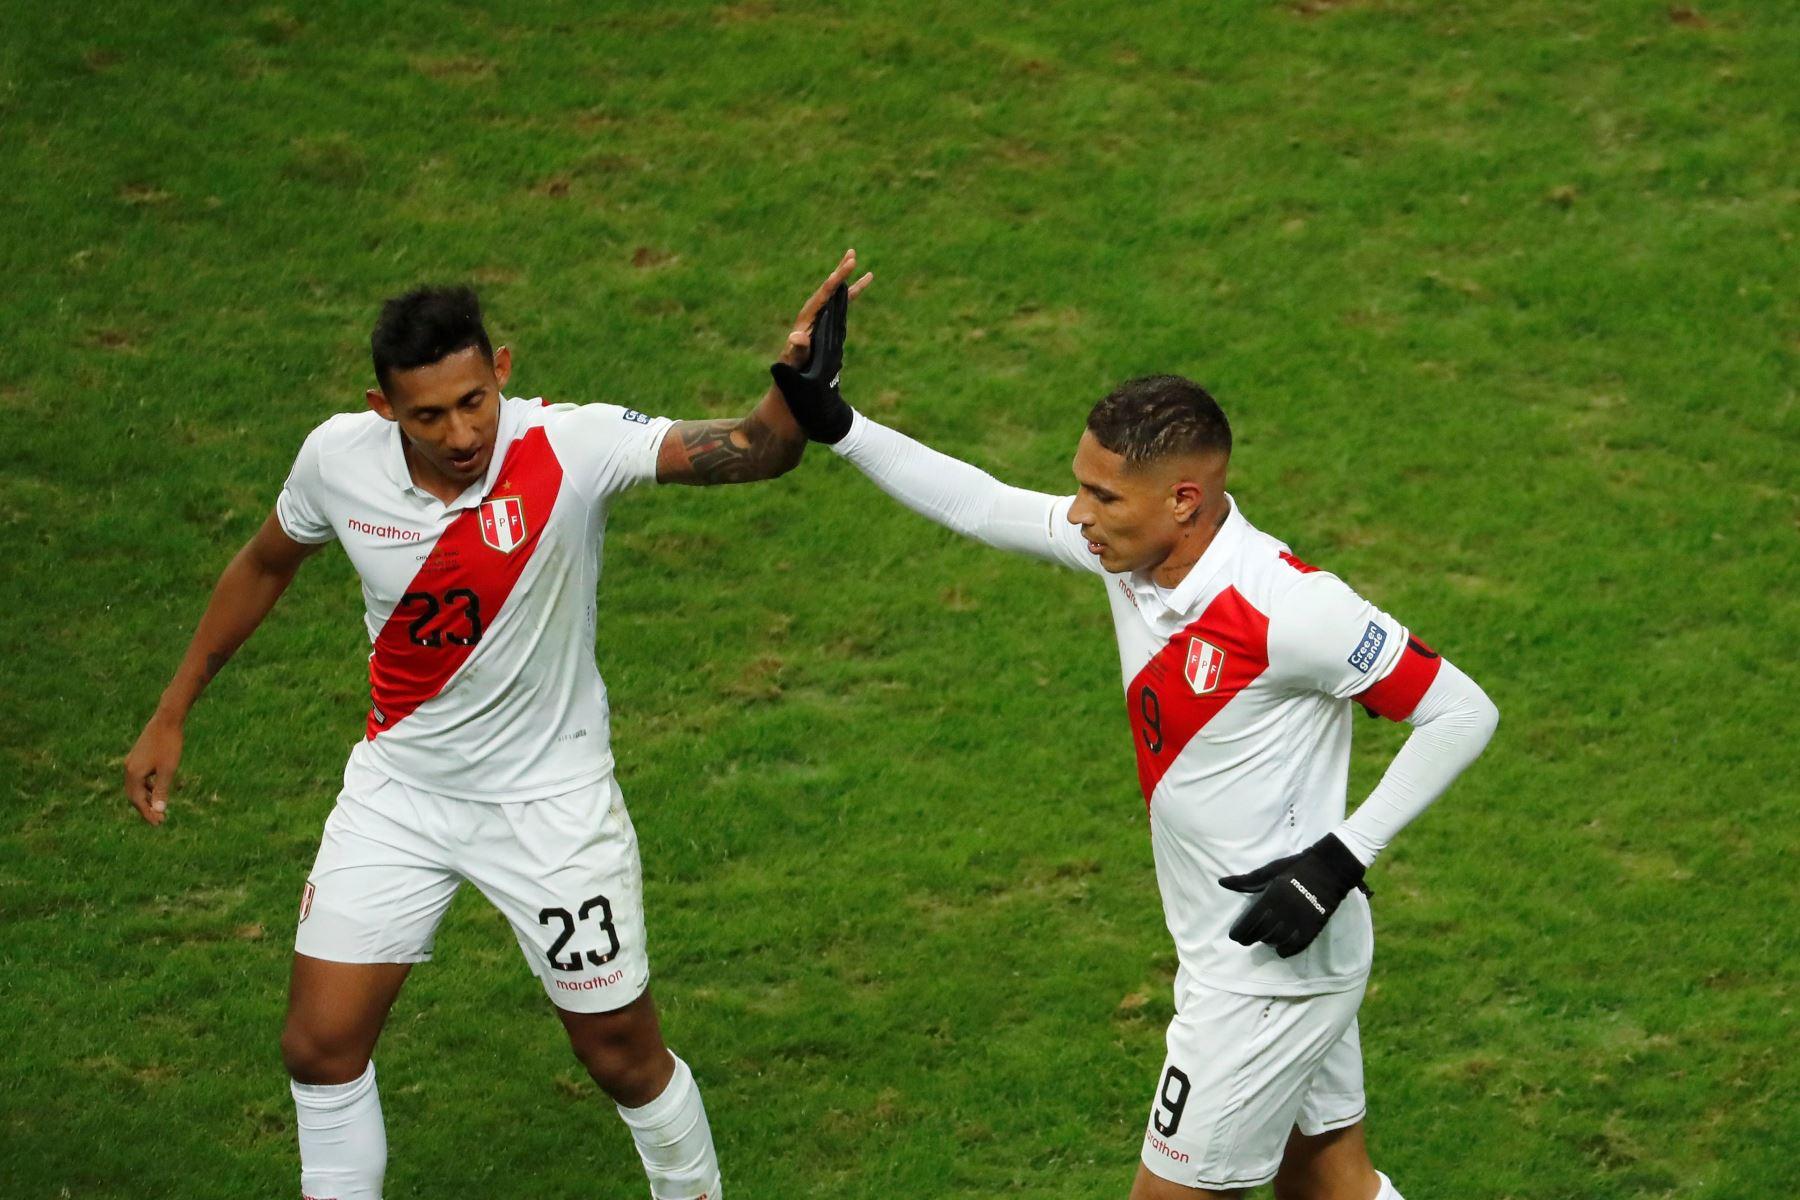 El jugador de Perú Paolo Guerrero (d) celebra un gol con Christofer Gonzales durante el partido Chile-Perú de semifinales de la Copa América de Fútbol 2019. Foto: EFE